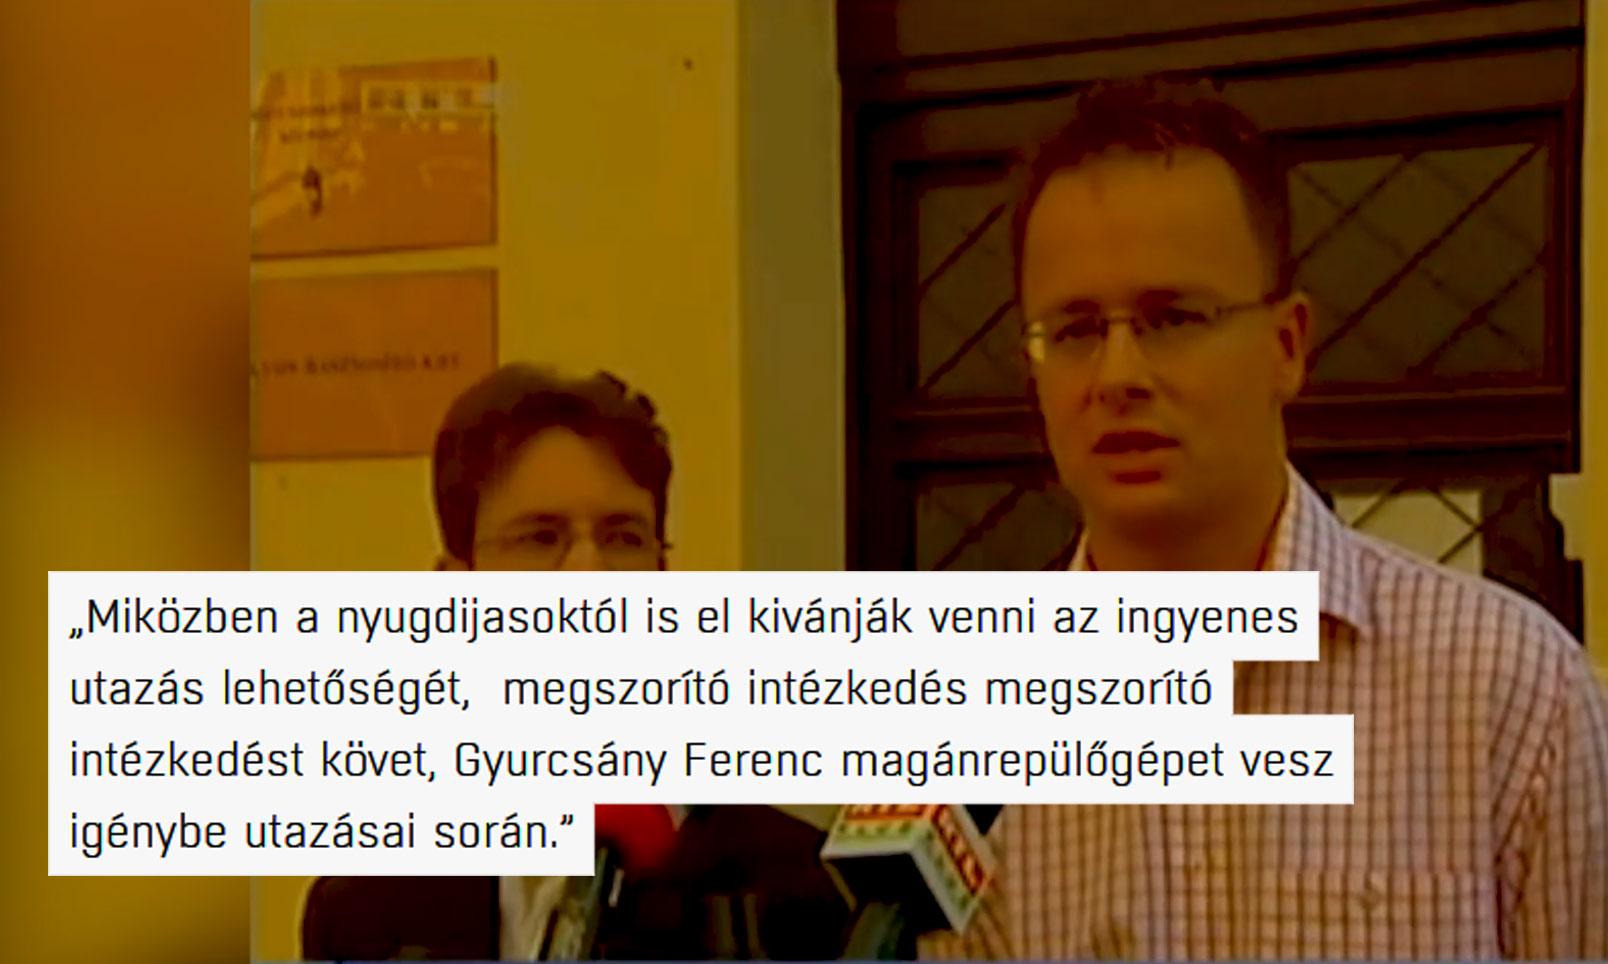 Szijjártó Péter 2006-ban igencsak fel volt háborodva, hogy Gyurcsány magánrepülőgépet vesz igénybe utazásai során